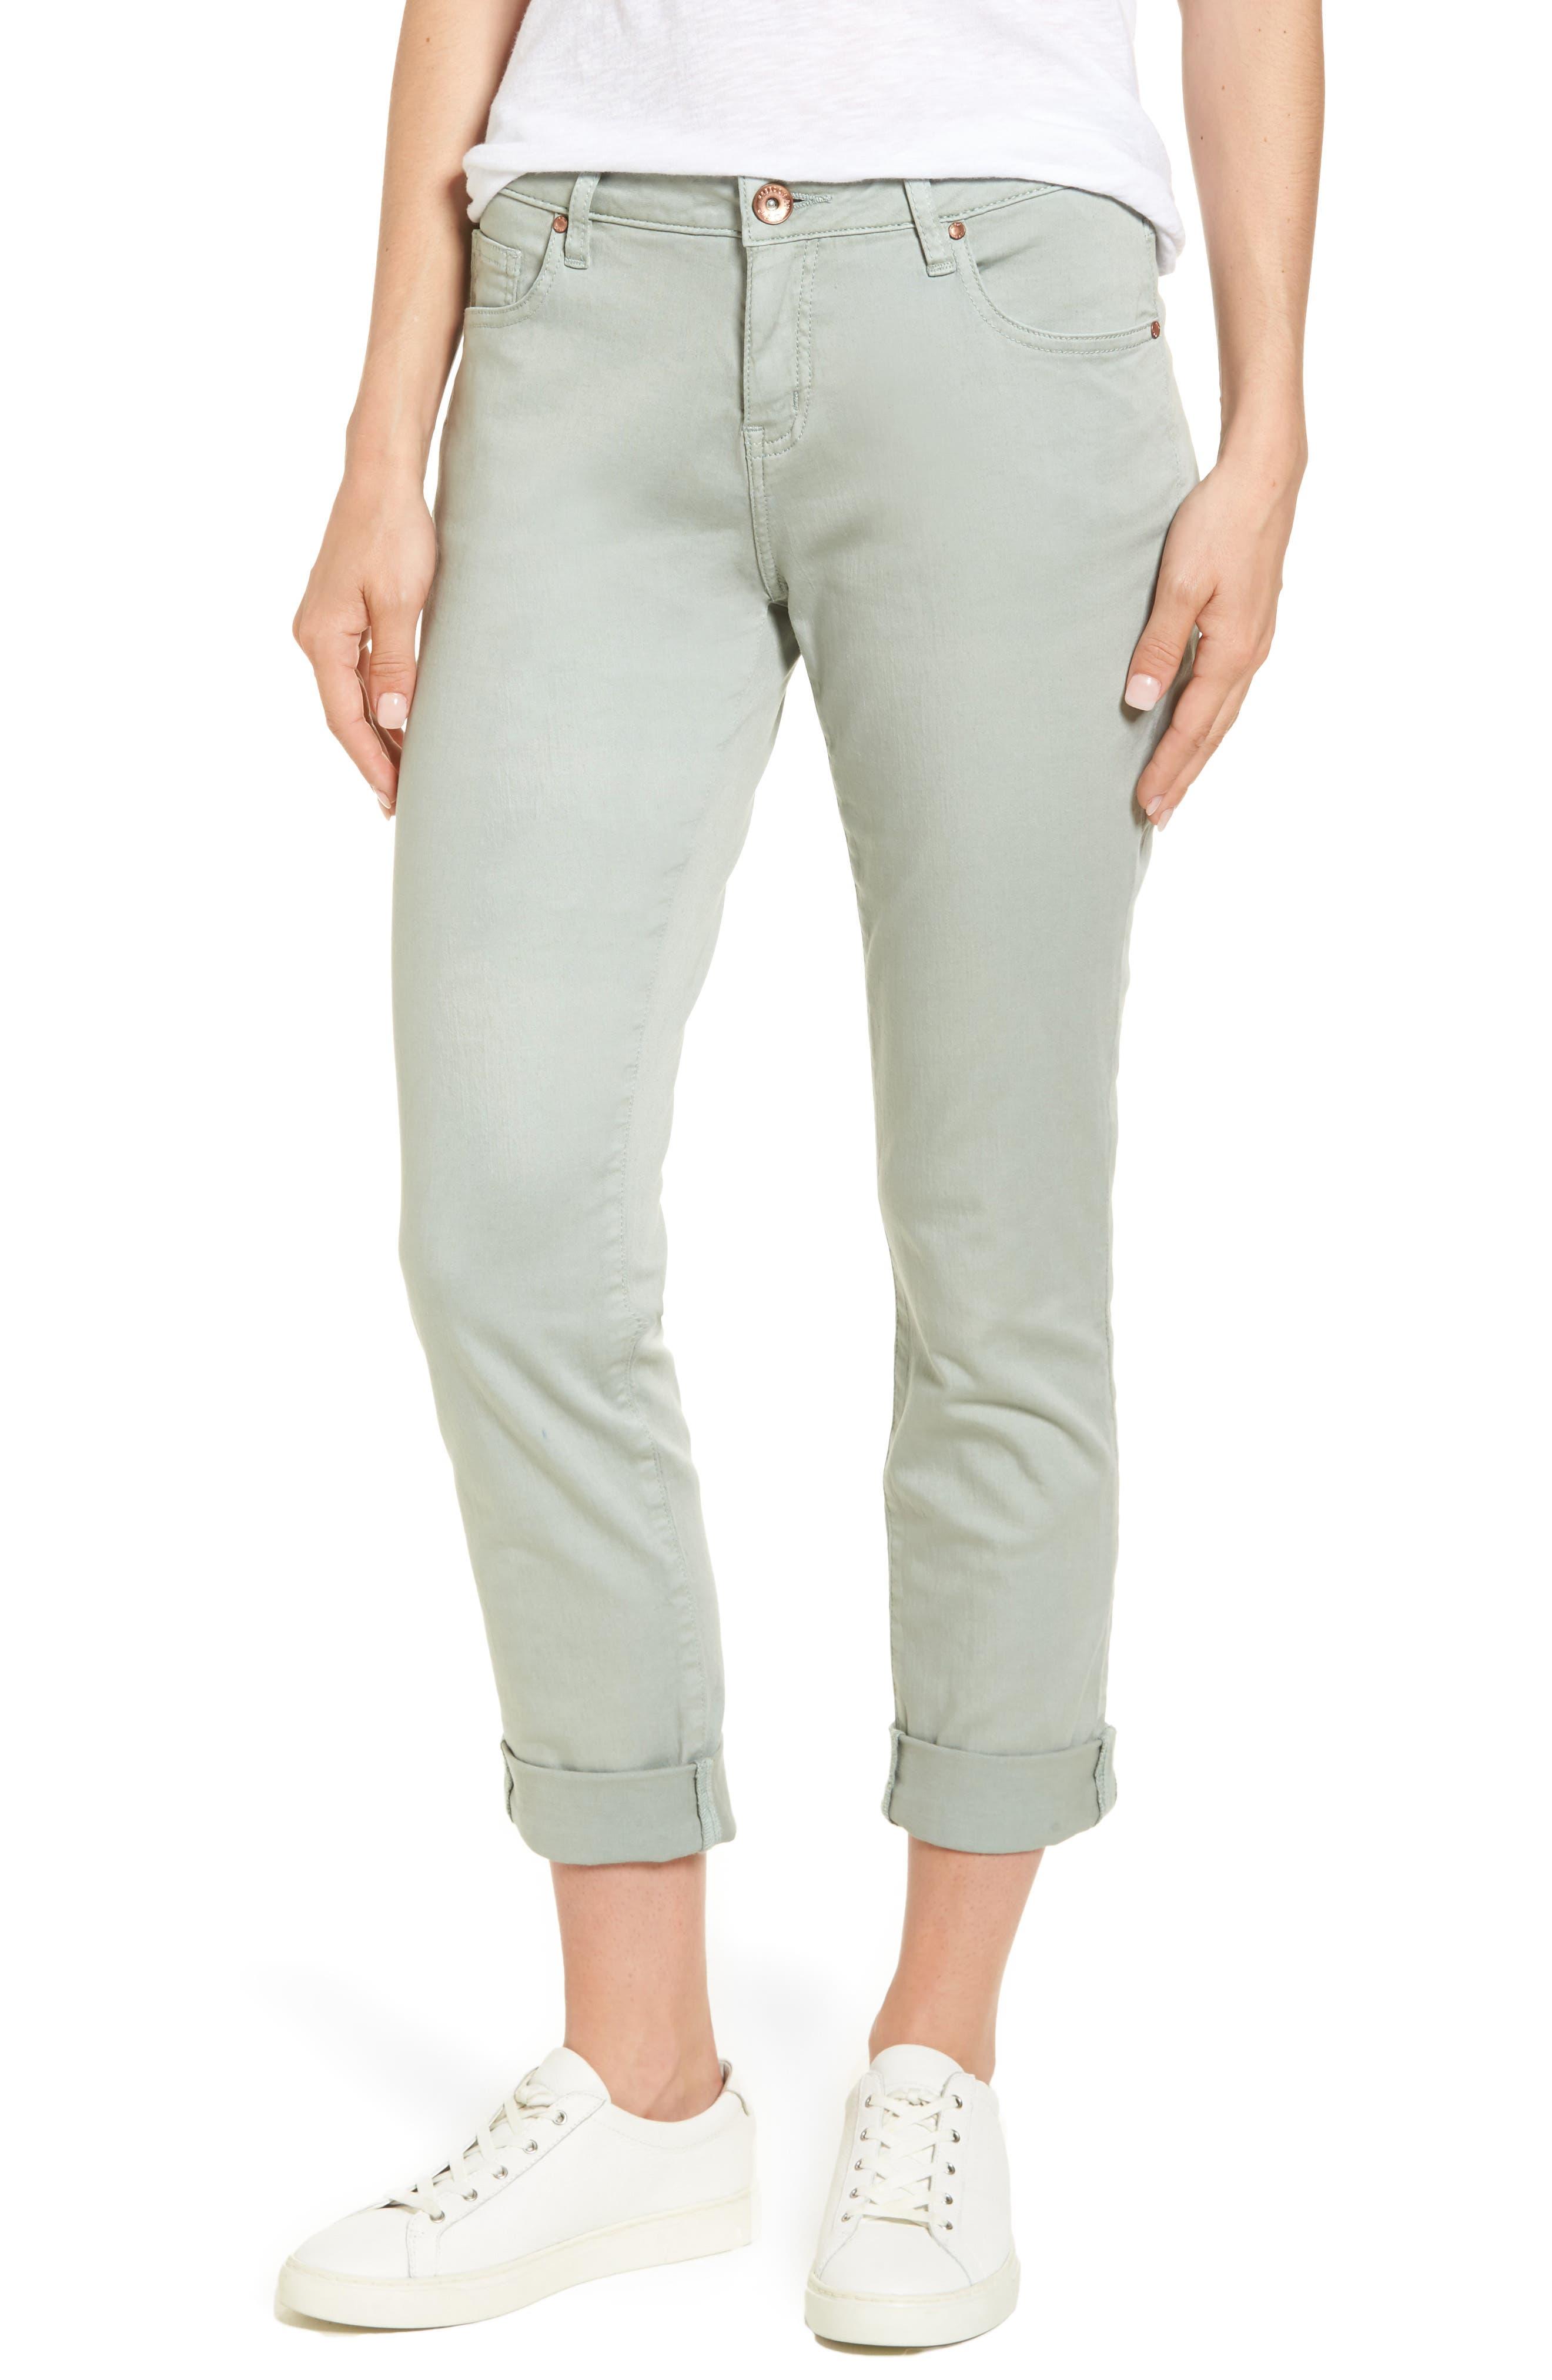 Jag Jeans Carter Knit Denim Girlfriend Jeans (Beach Glass)